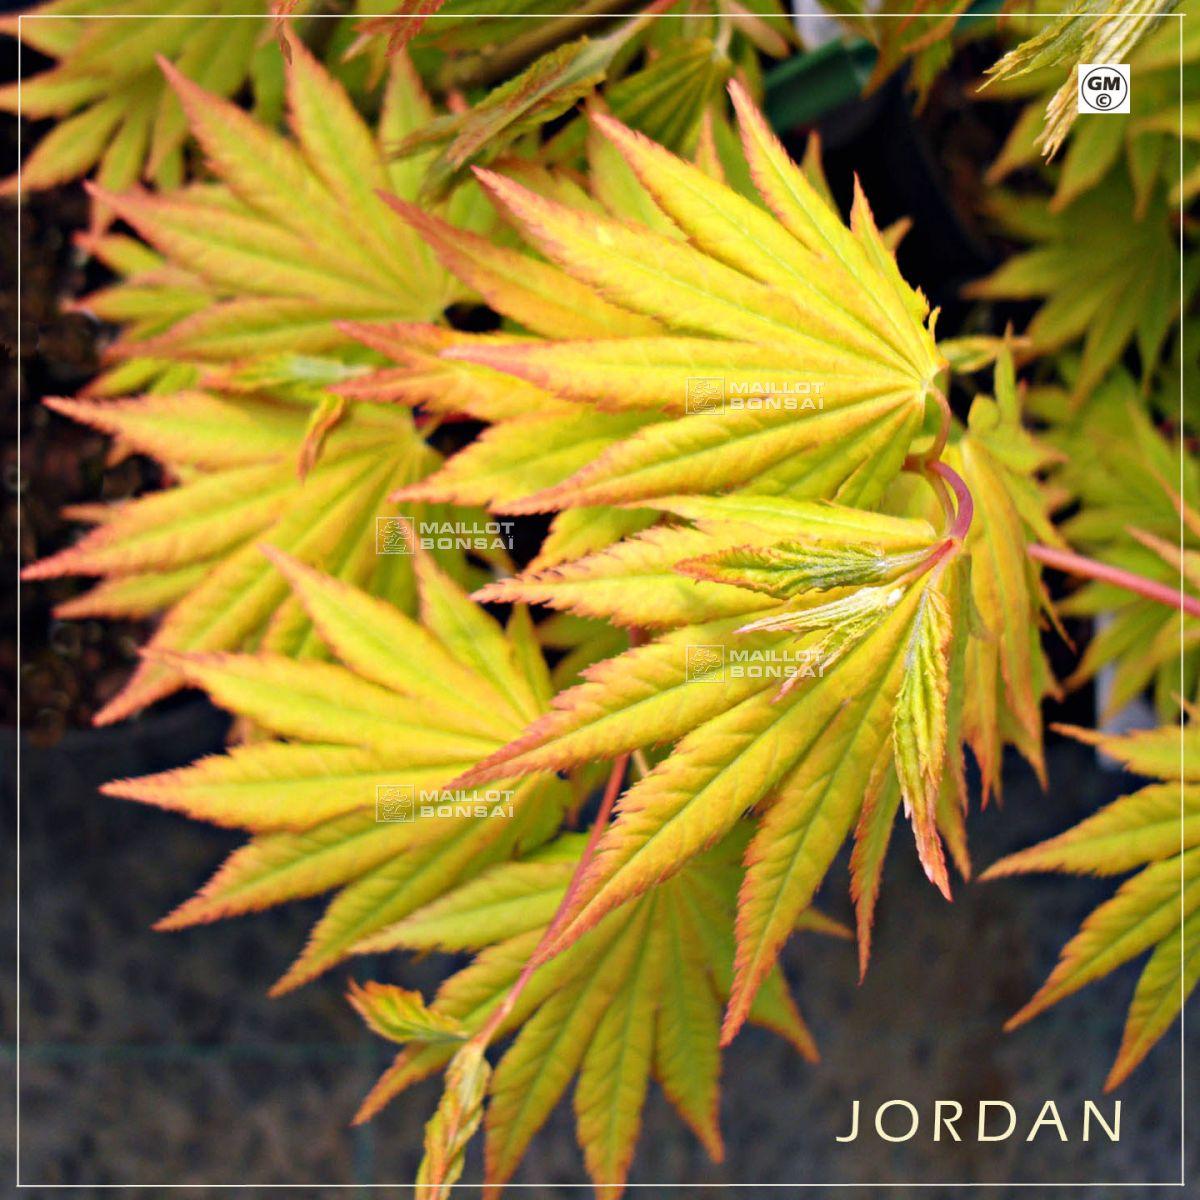 Acer Shirasawanum Jordan From Maillot Bonsaï The Store Maillot Bonsai